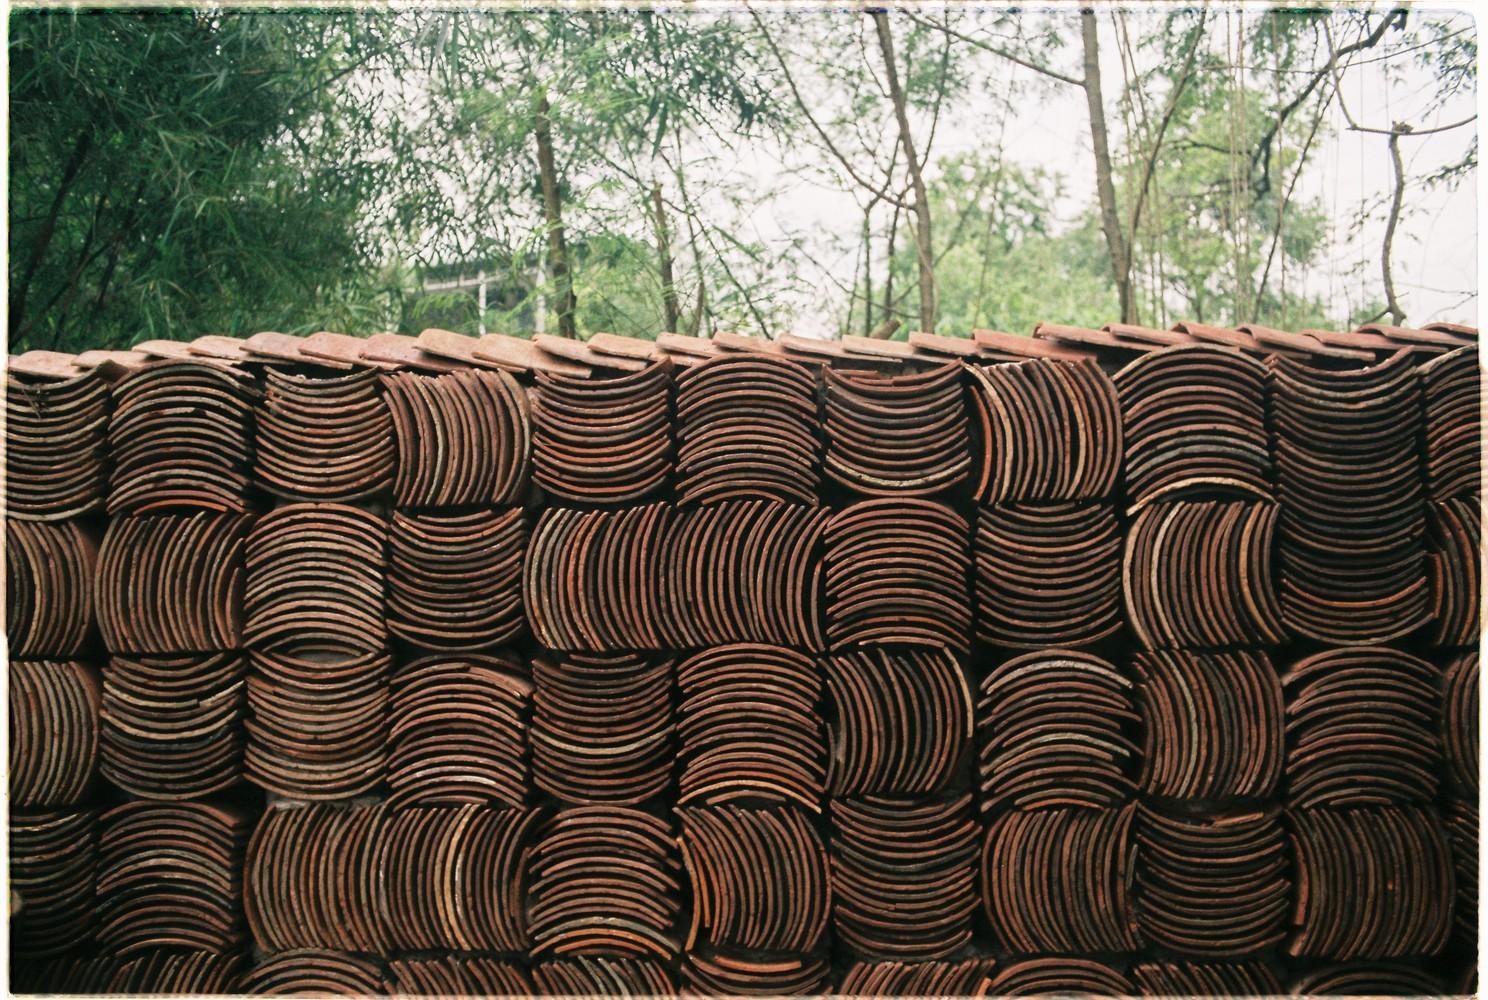 """FILM1 - Cà phê Thúy Viên """"Tạo từ vật liệu tái sử dụng của các ngôi nhà cũ ở địa phương"""""""